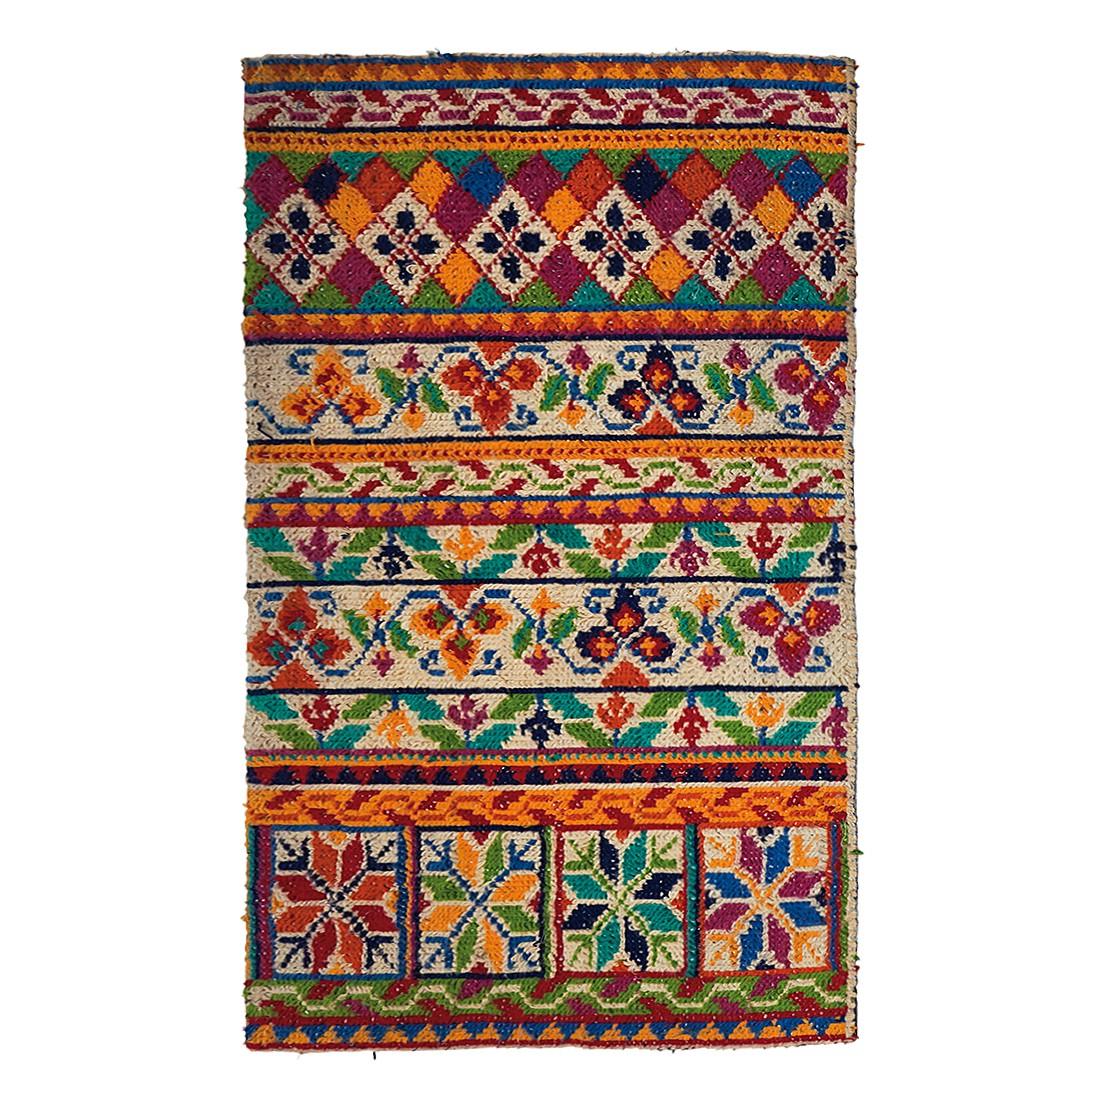 Prezzi beshir design tappeto pelo prezzi e negozi for Negozi online design